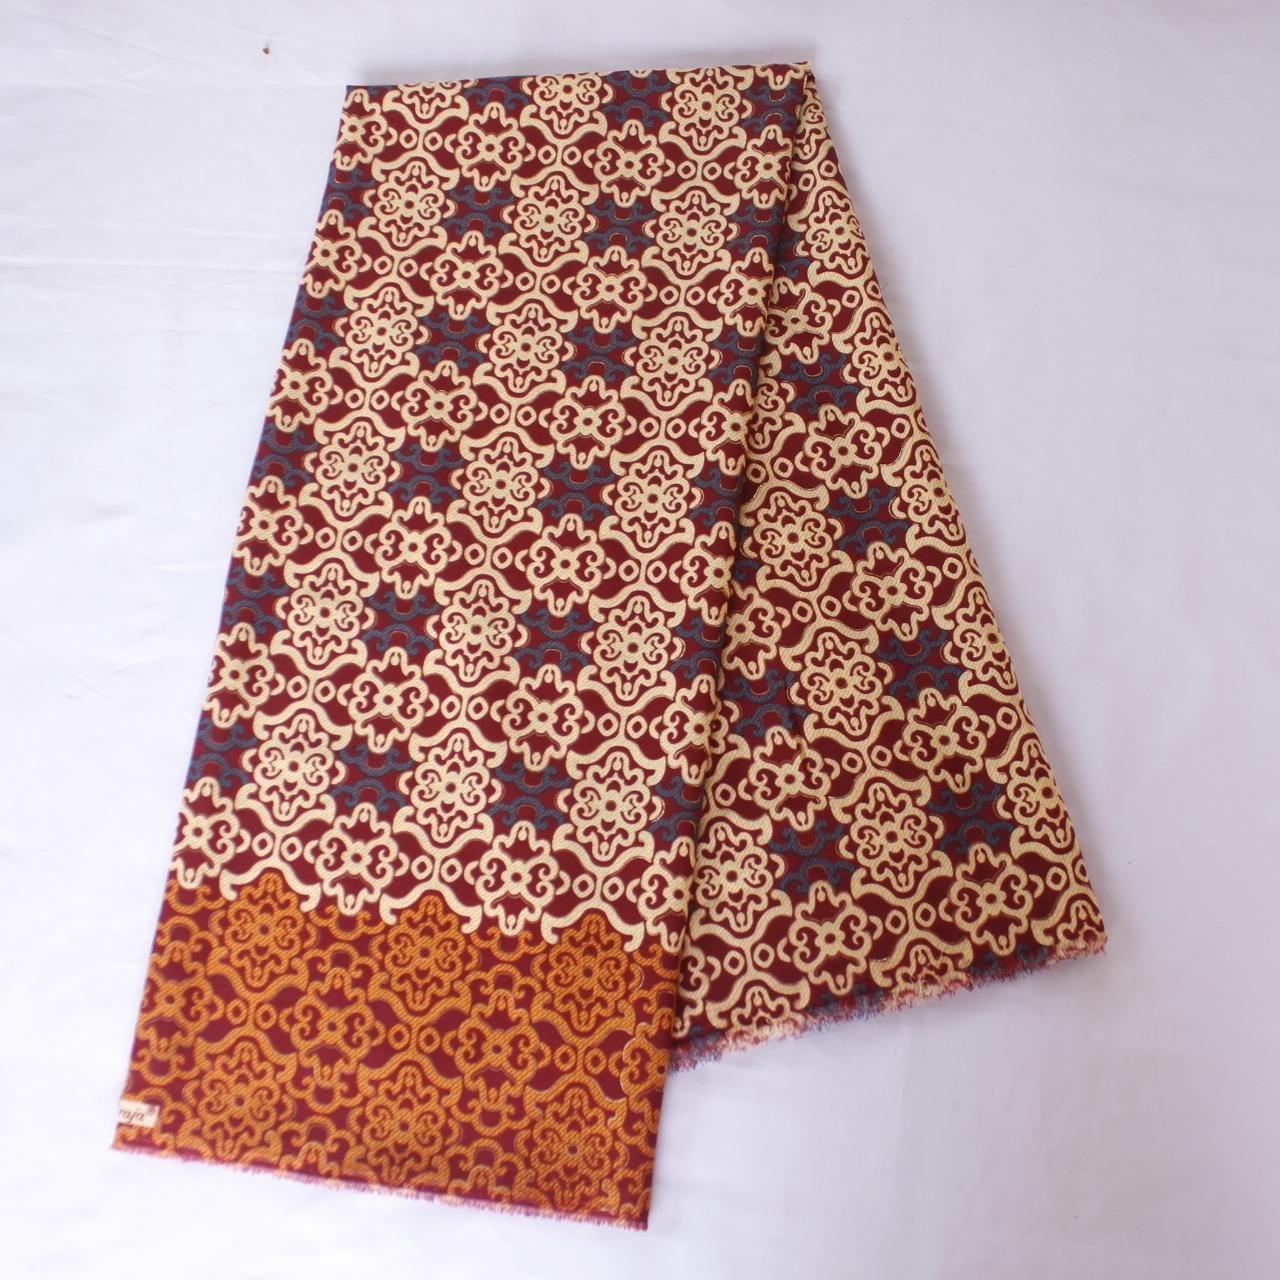 KBS028 Kain Batik Meteran Semi Sutra Bawahan Kebaya Modern Wanita